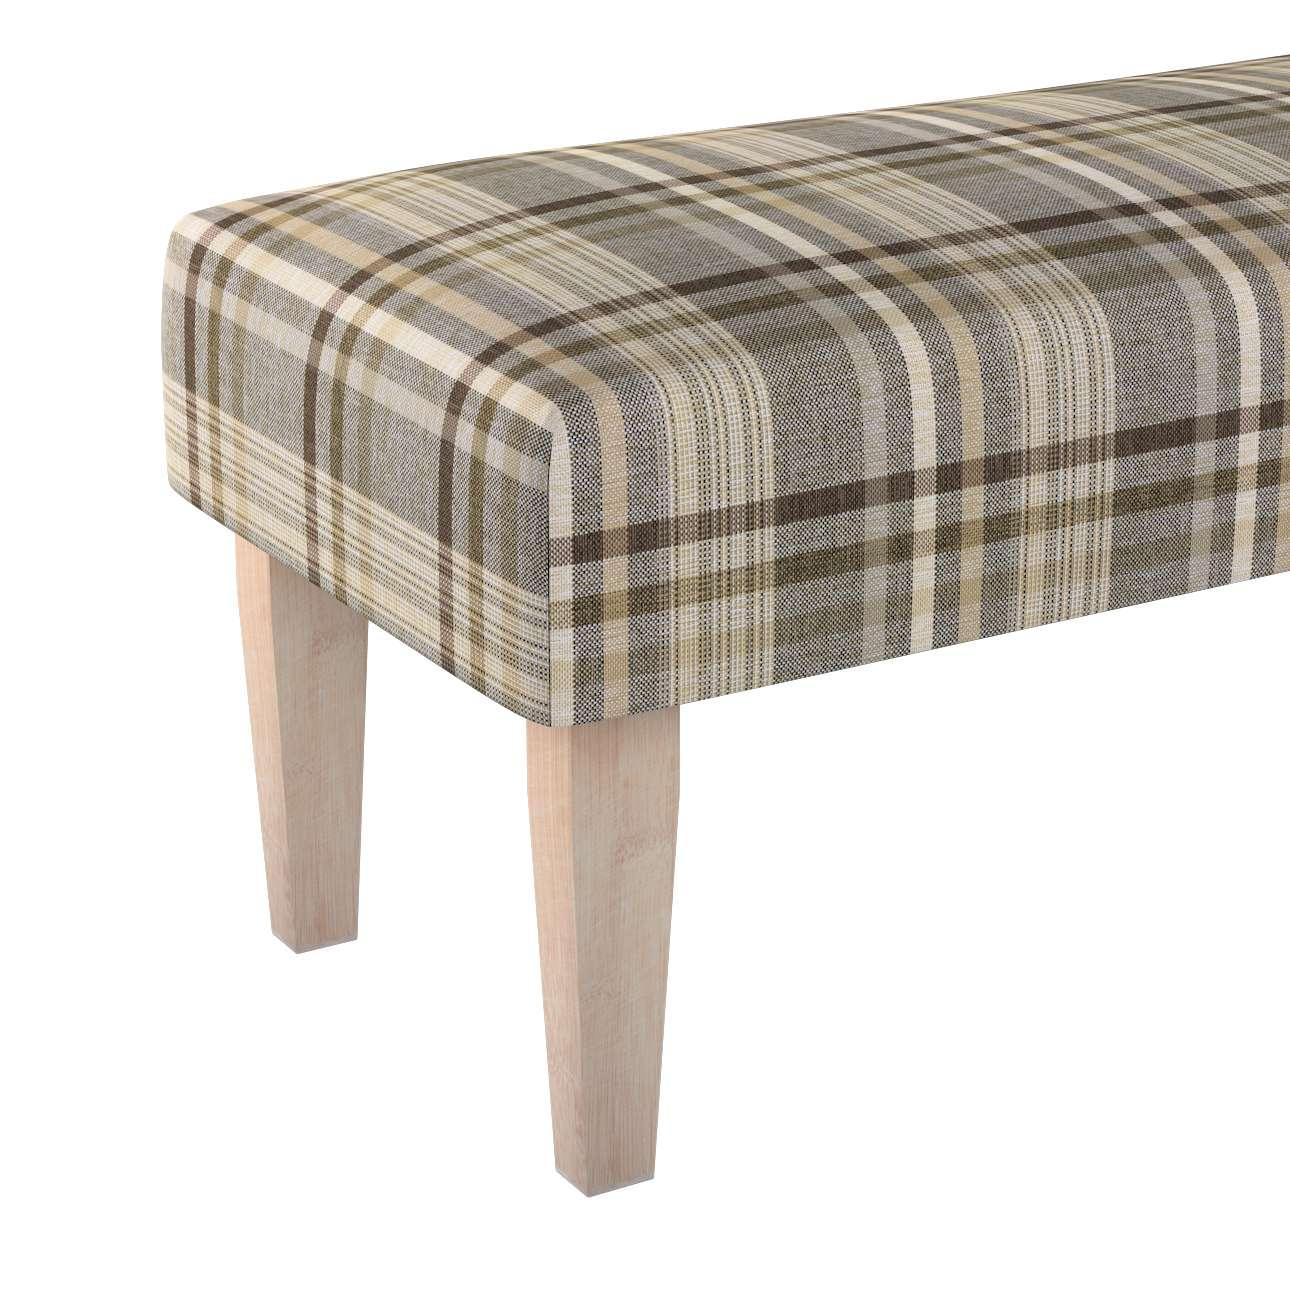 Sitzbank 100cm von der Kollektion Edinburgh, Stoff: 703-17